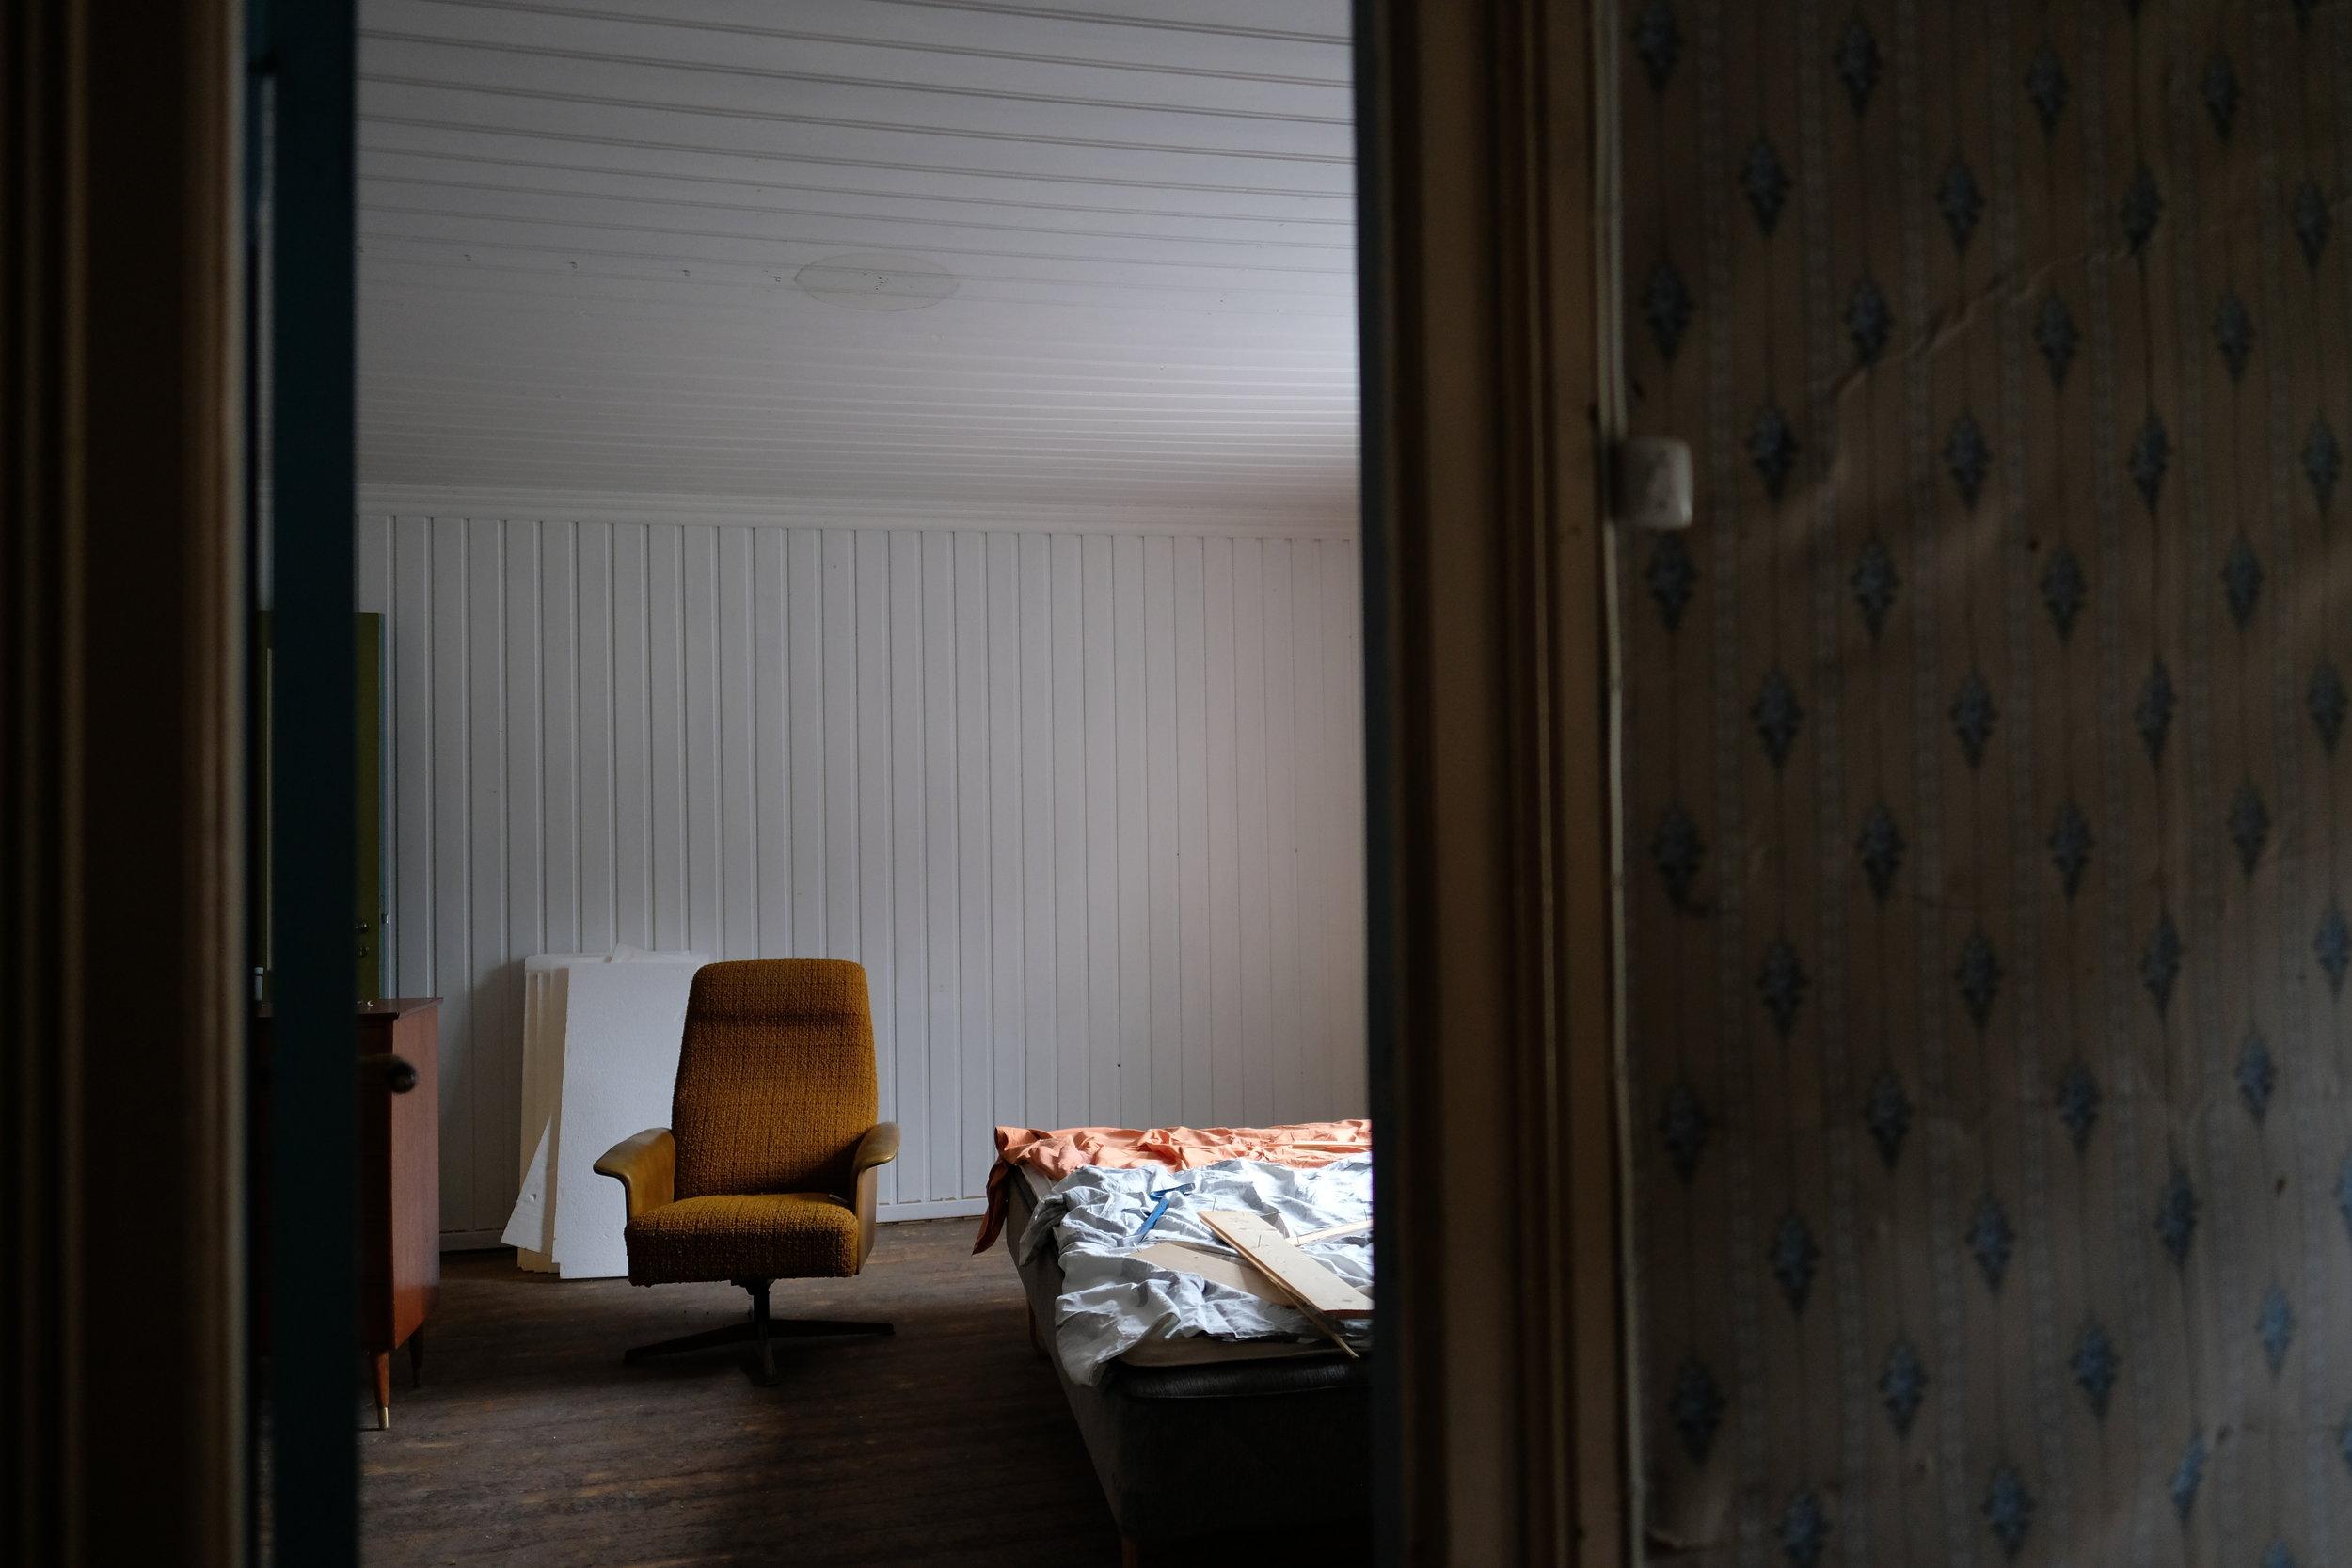 Dette er utsynet frå kottet og inn til soveromet som er dekka av kvitt panel.